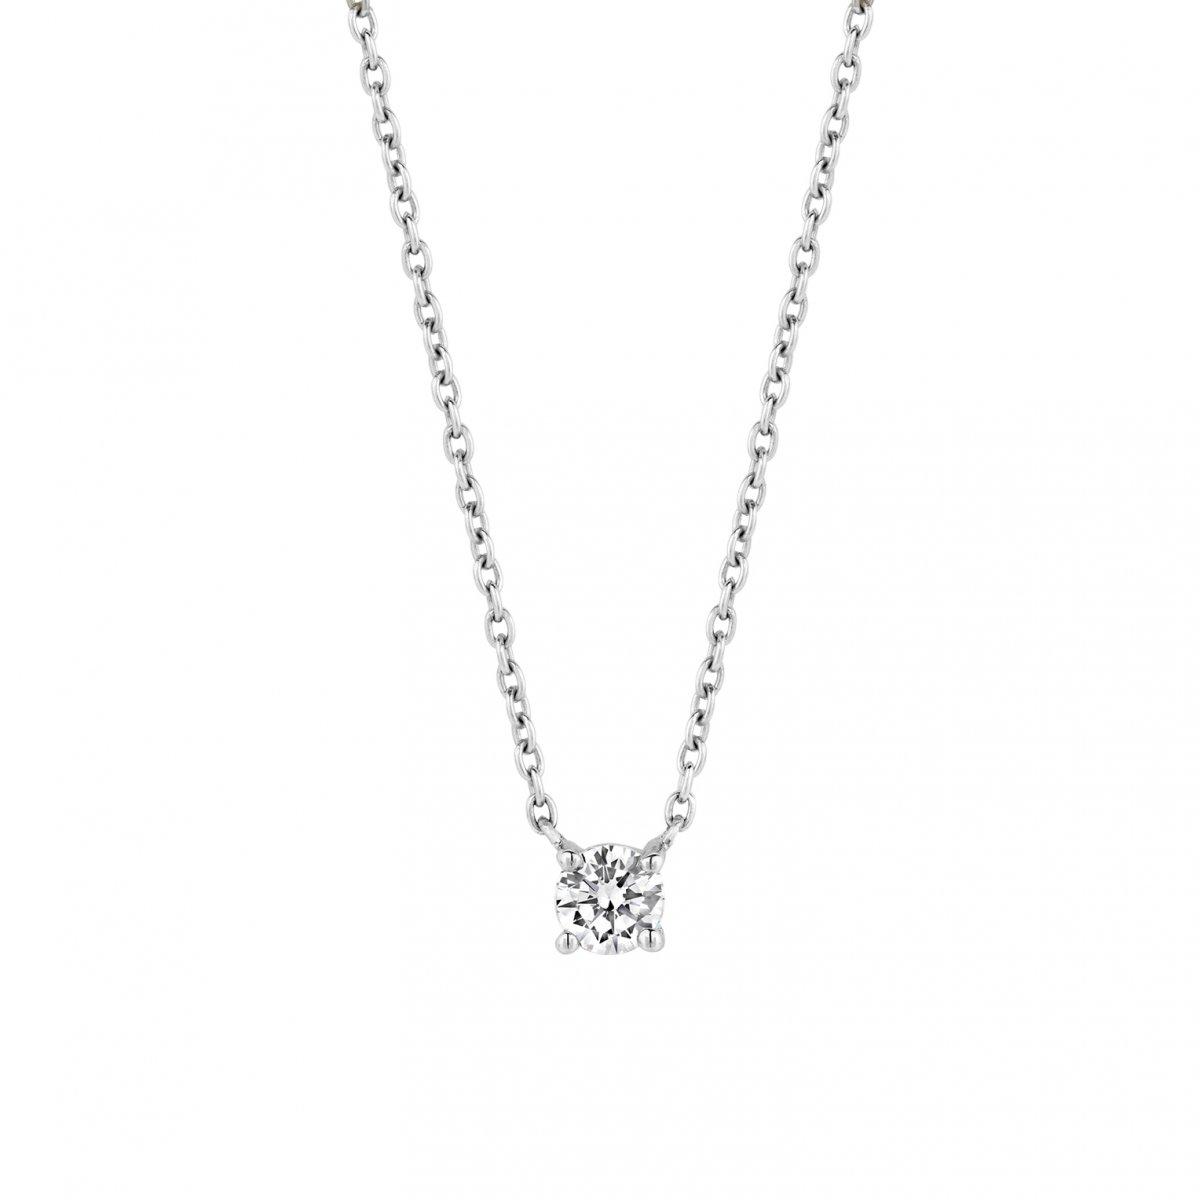 Strieborný náhrdelník TI SENTO so zirkónom